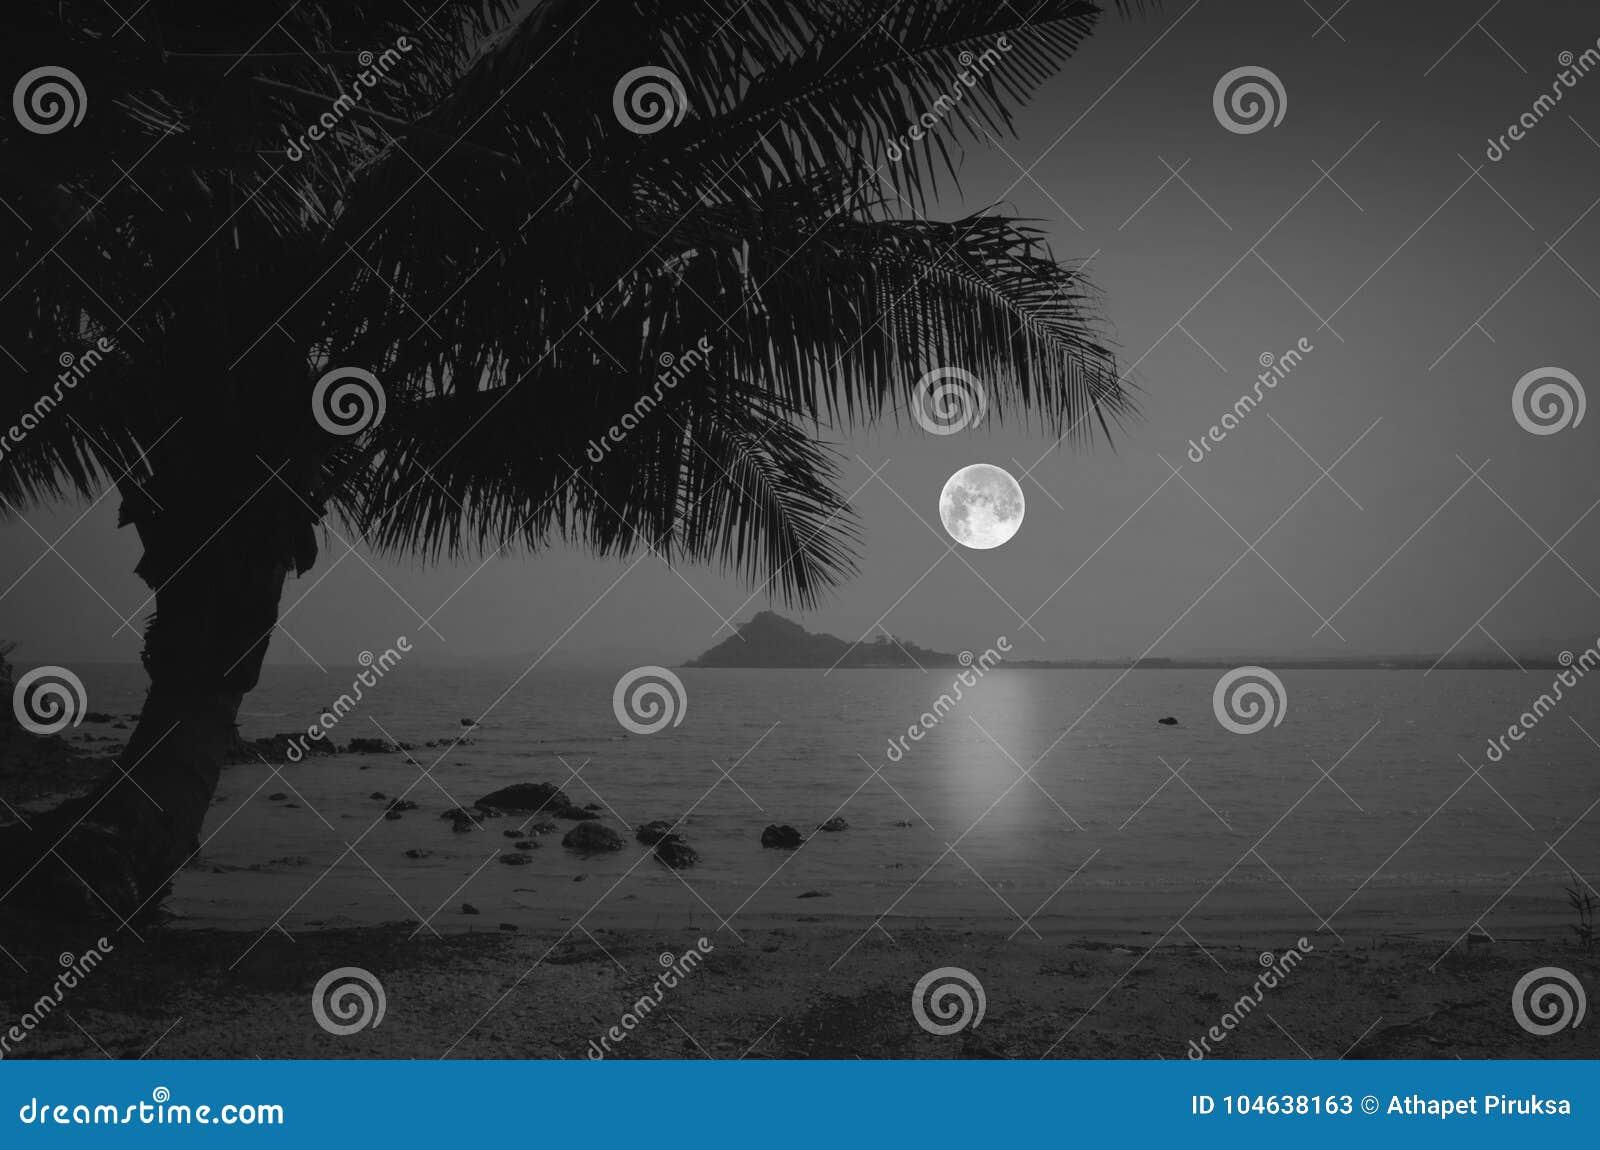 Download Romantisch Strand Met Volle Maan In De Avond Stock Afbeelding - Afbeelding bestaande uit helder, landschap: 104638163